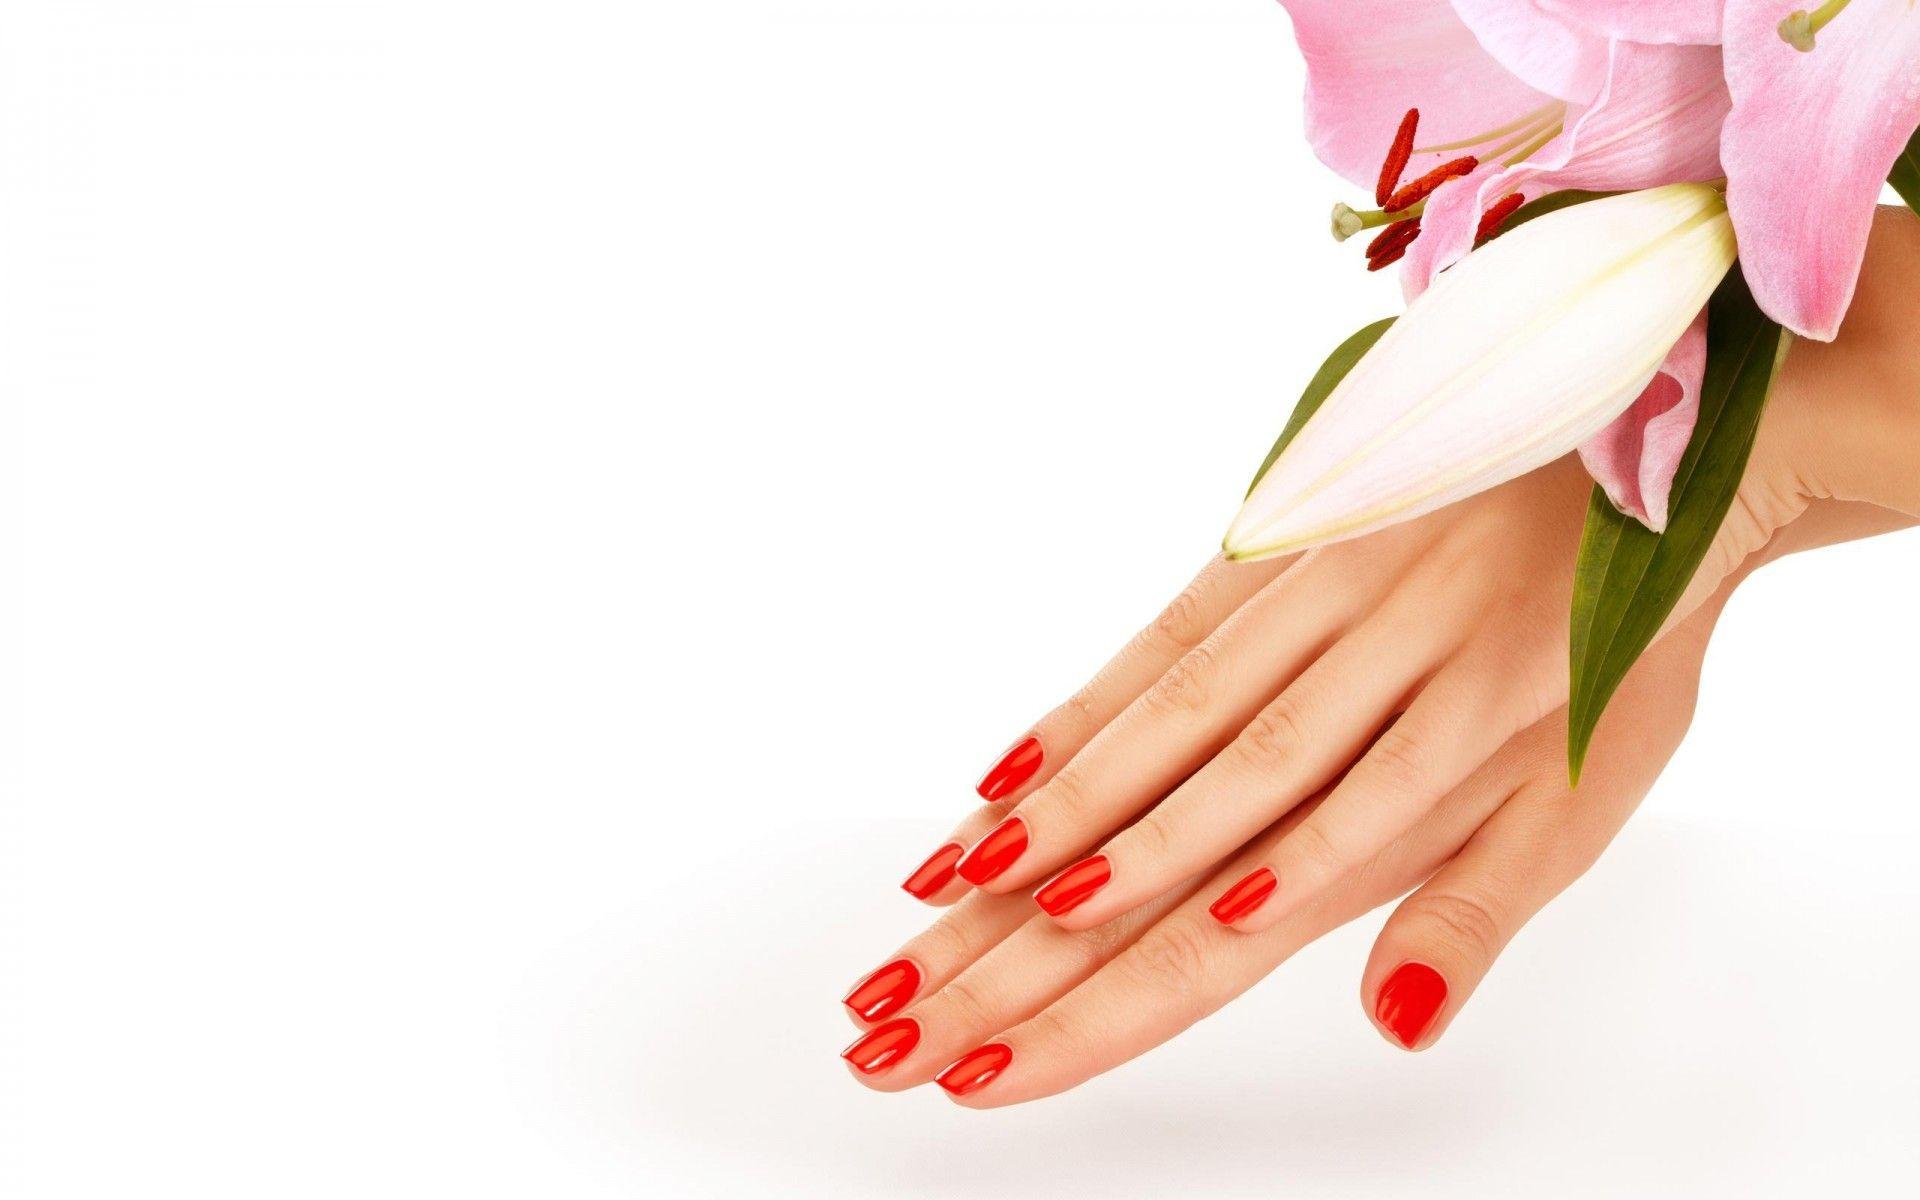 Ispirazioni floreali per la tua manicure